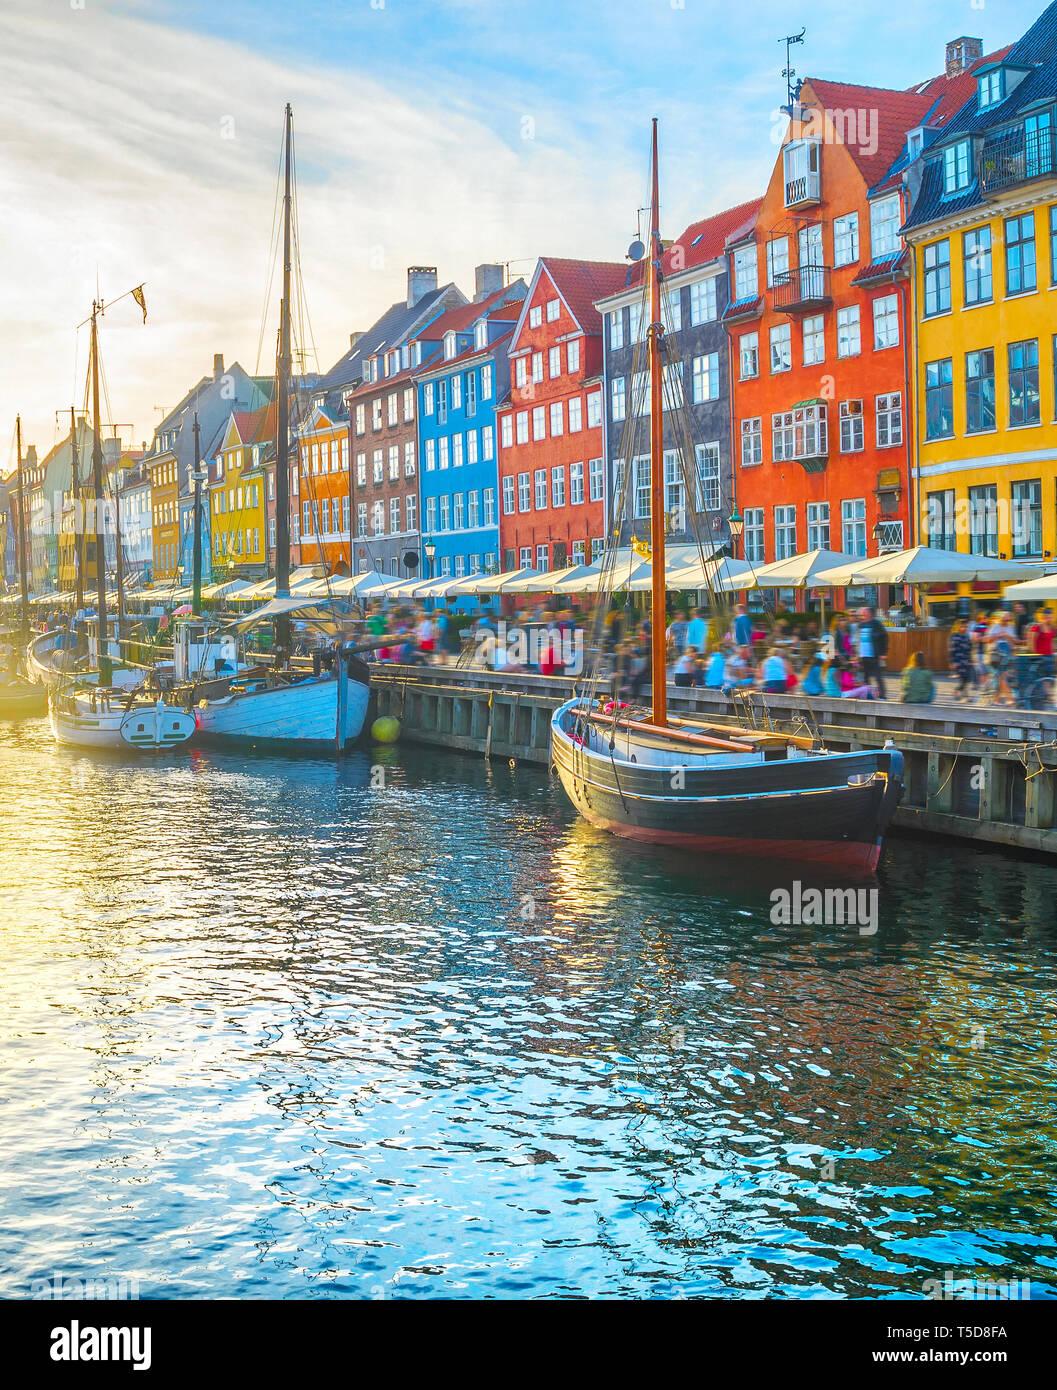 Voir Nyhavn avec des bateaux par remblai au coucher du soleil, les gens marcher et s'asseoir dans les restaurants, Copenhague, Danemark Banque D'Images